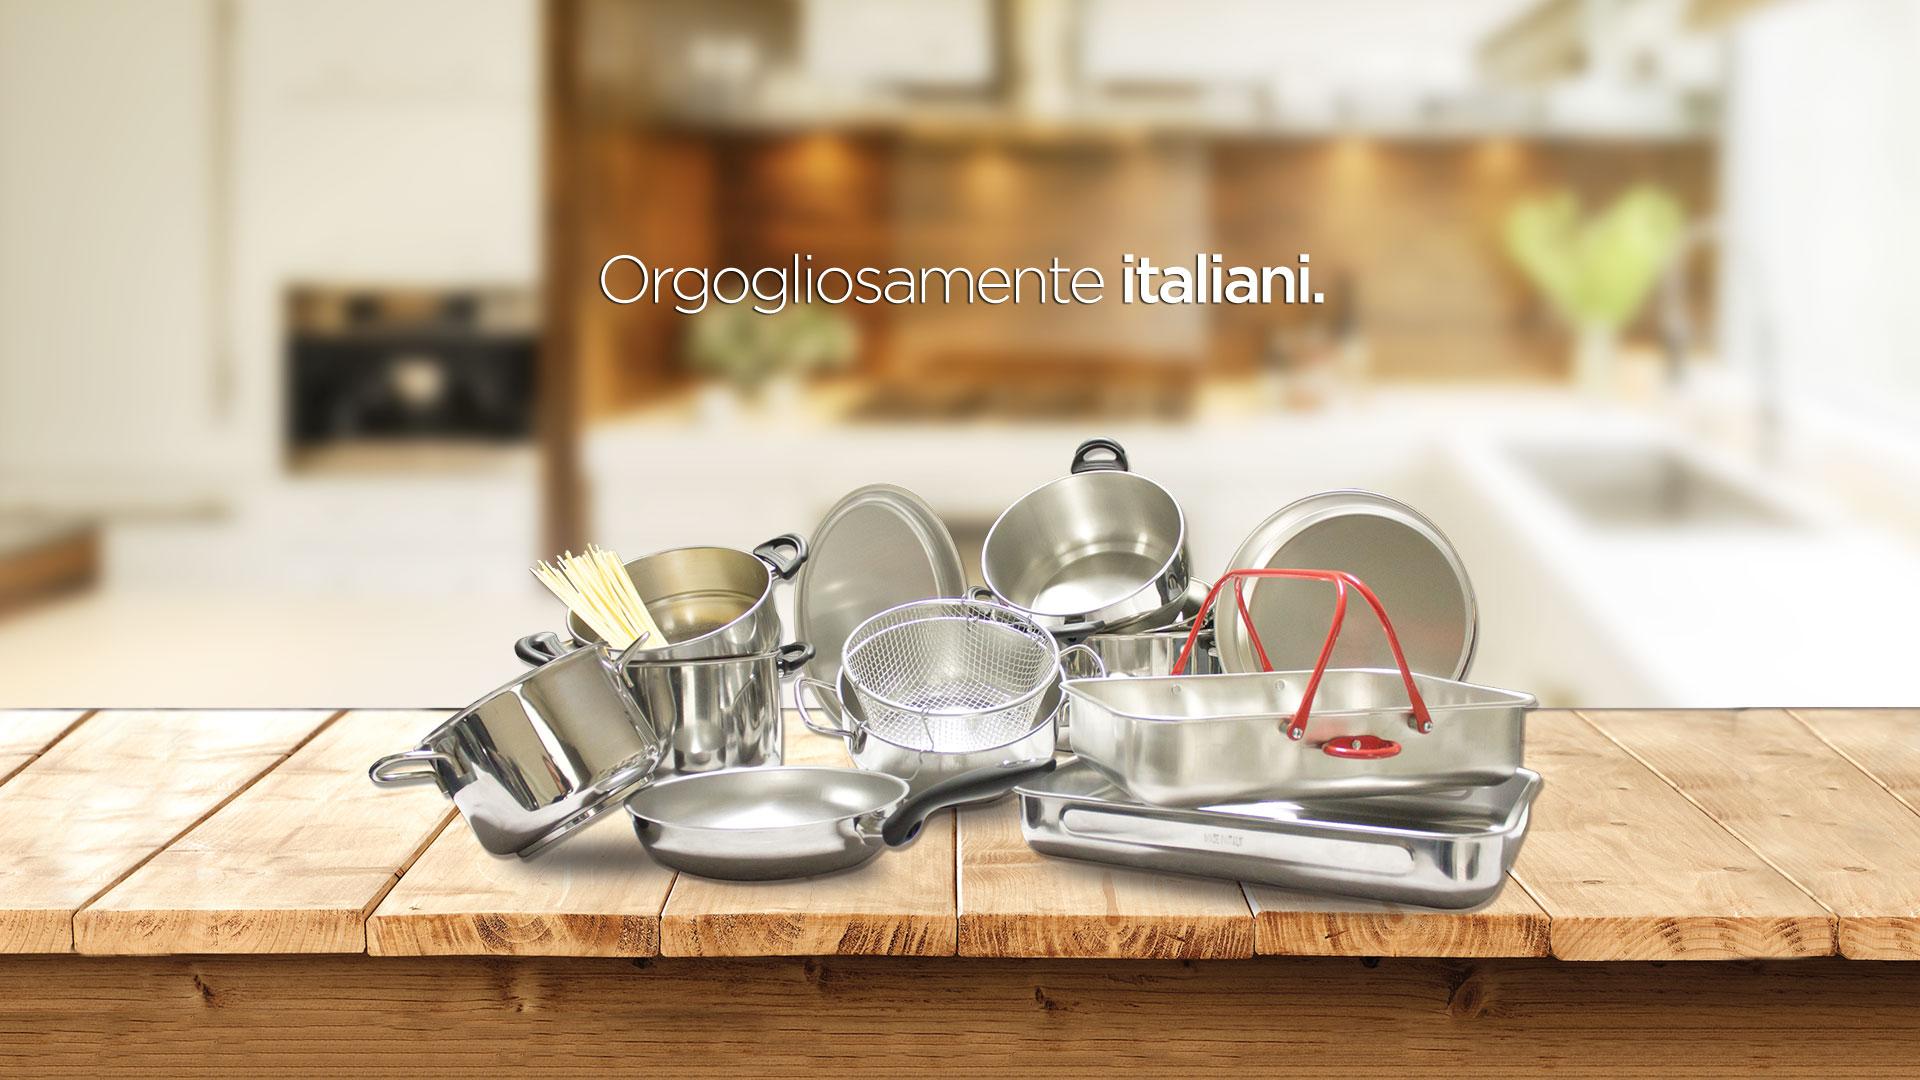 Orgogliosamente Italiani.